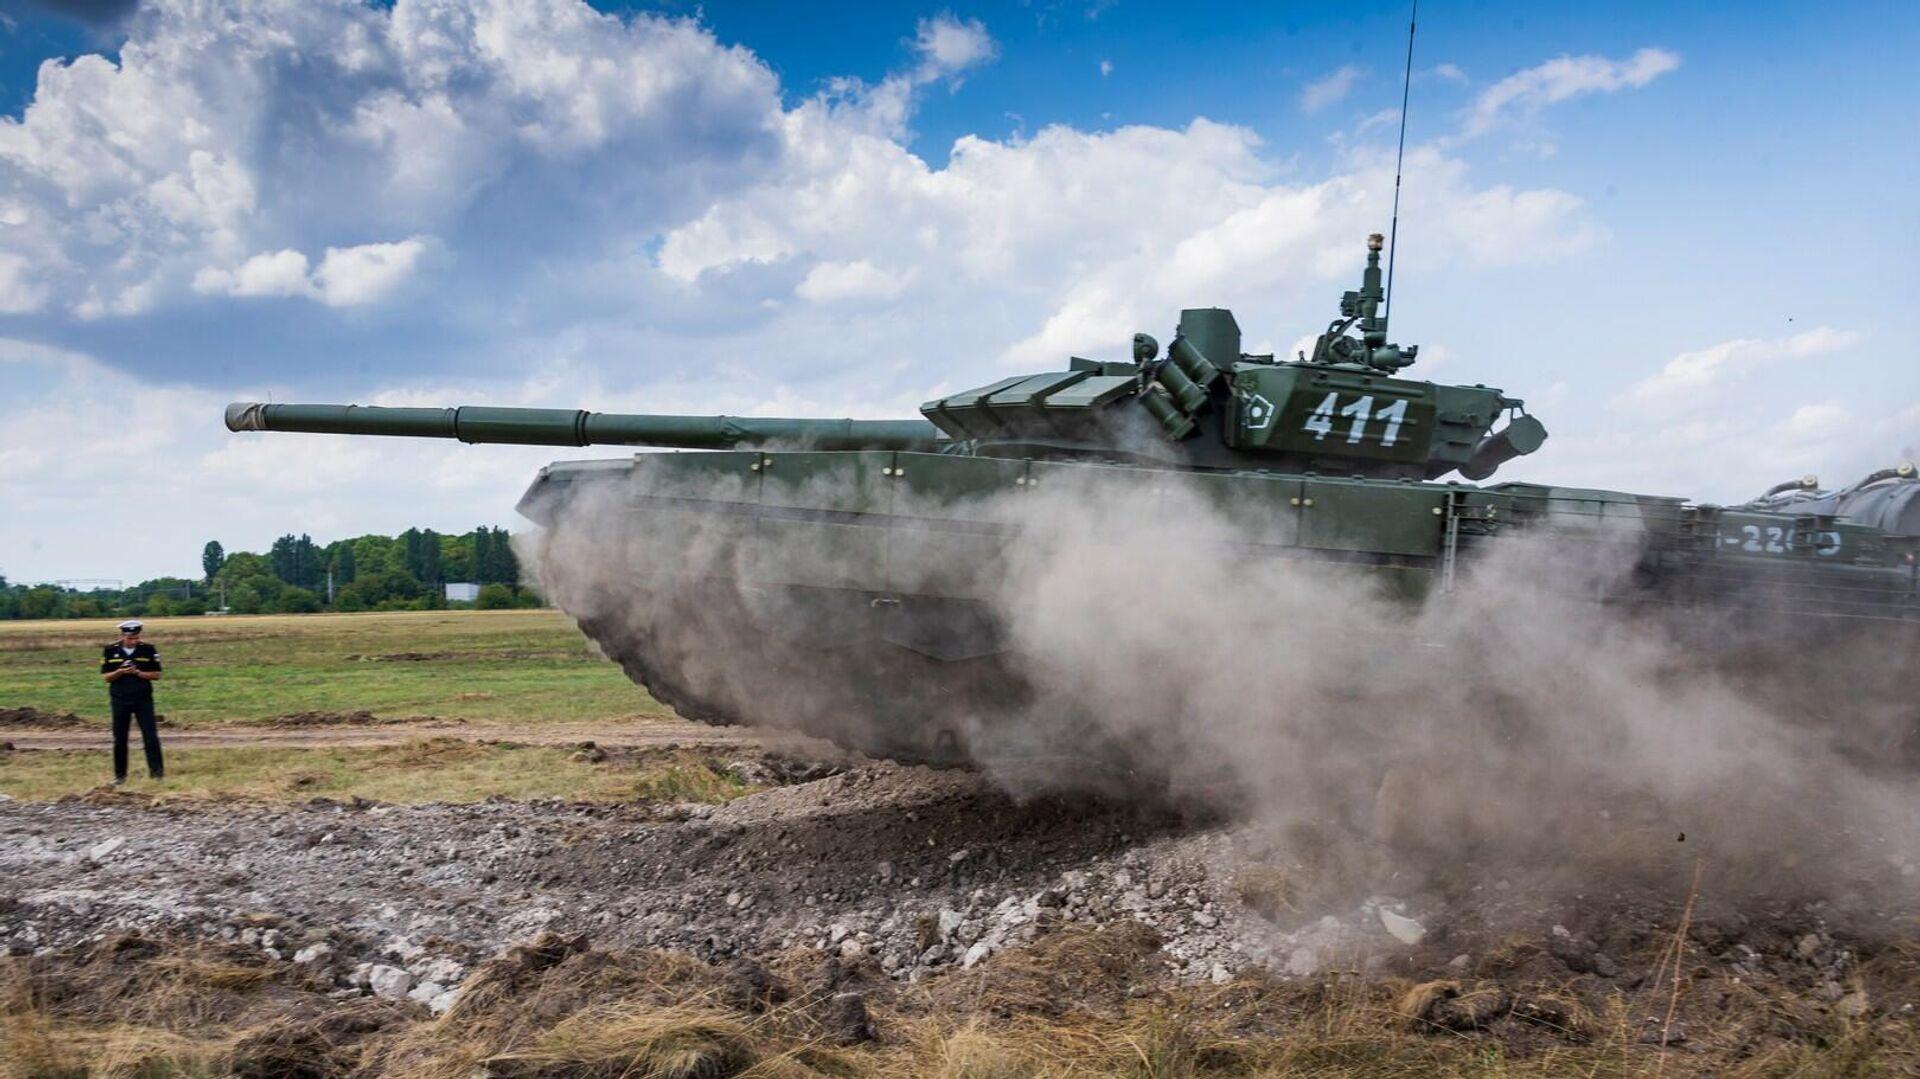 Танк Т-72Б3 на полосе препятствий во время подготовки к форуму Армия-2021 в Симферополе - РИА Новости, 1920, 25.08.2021